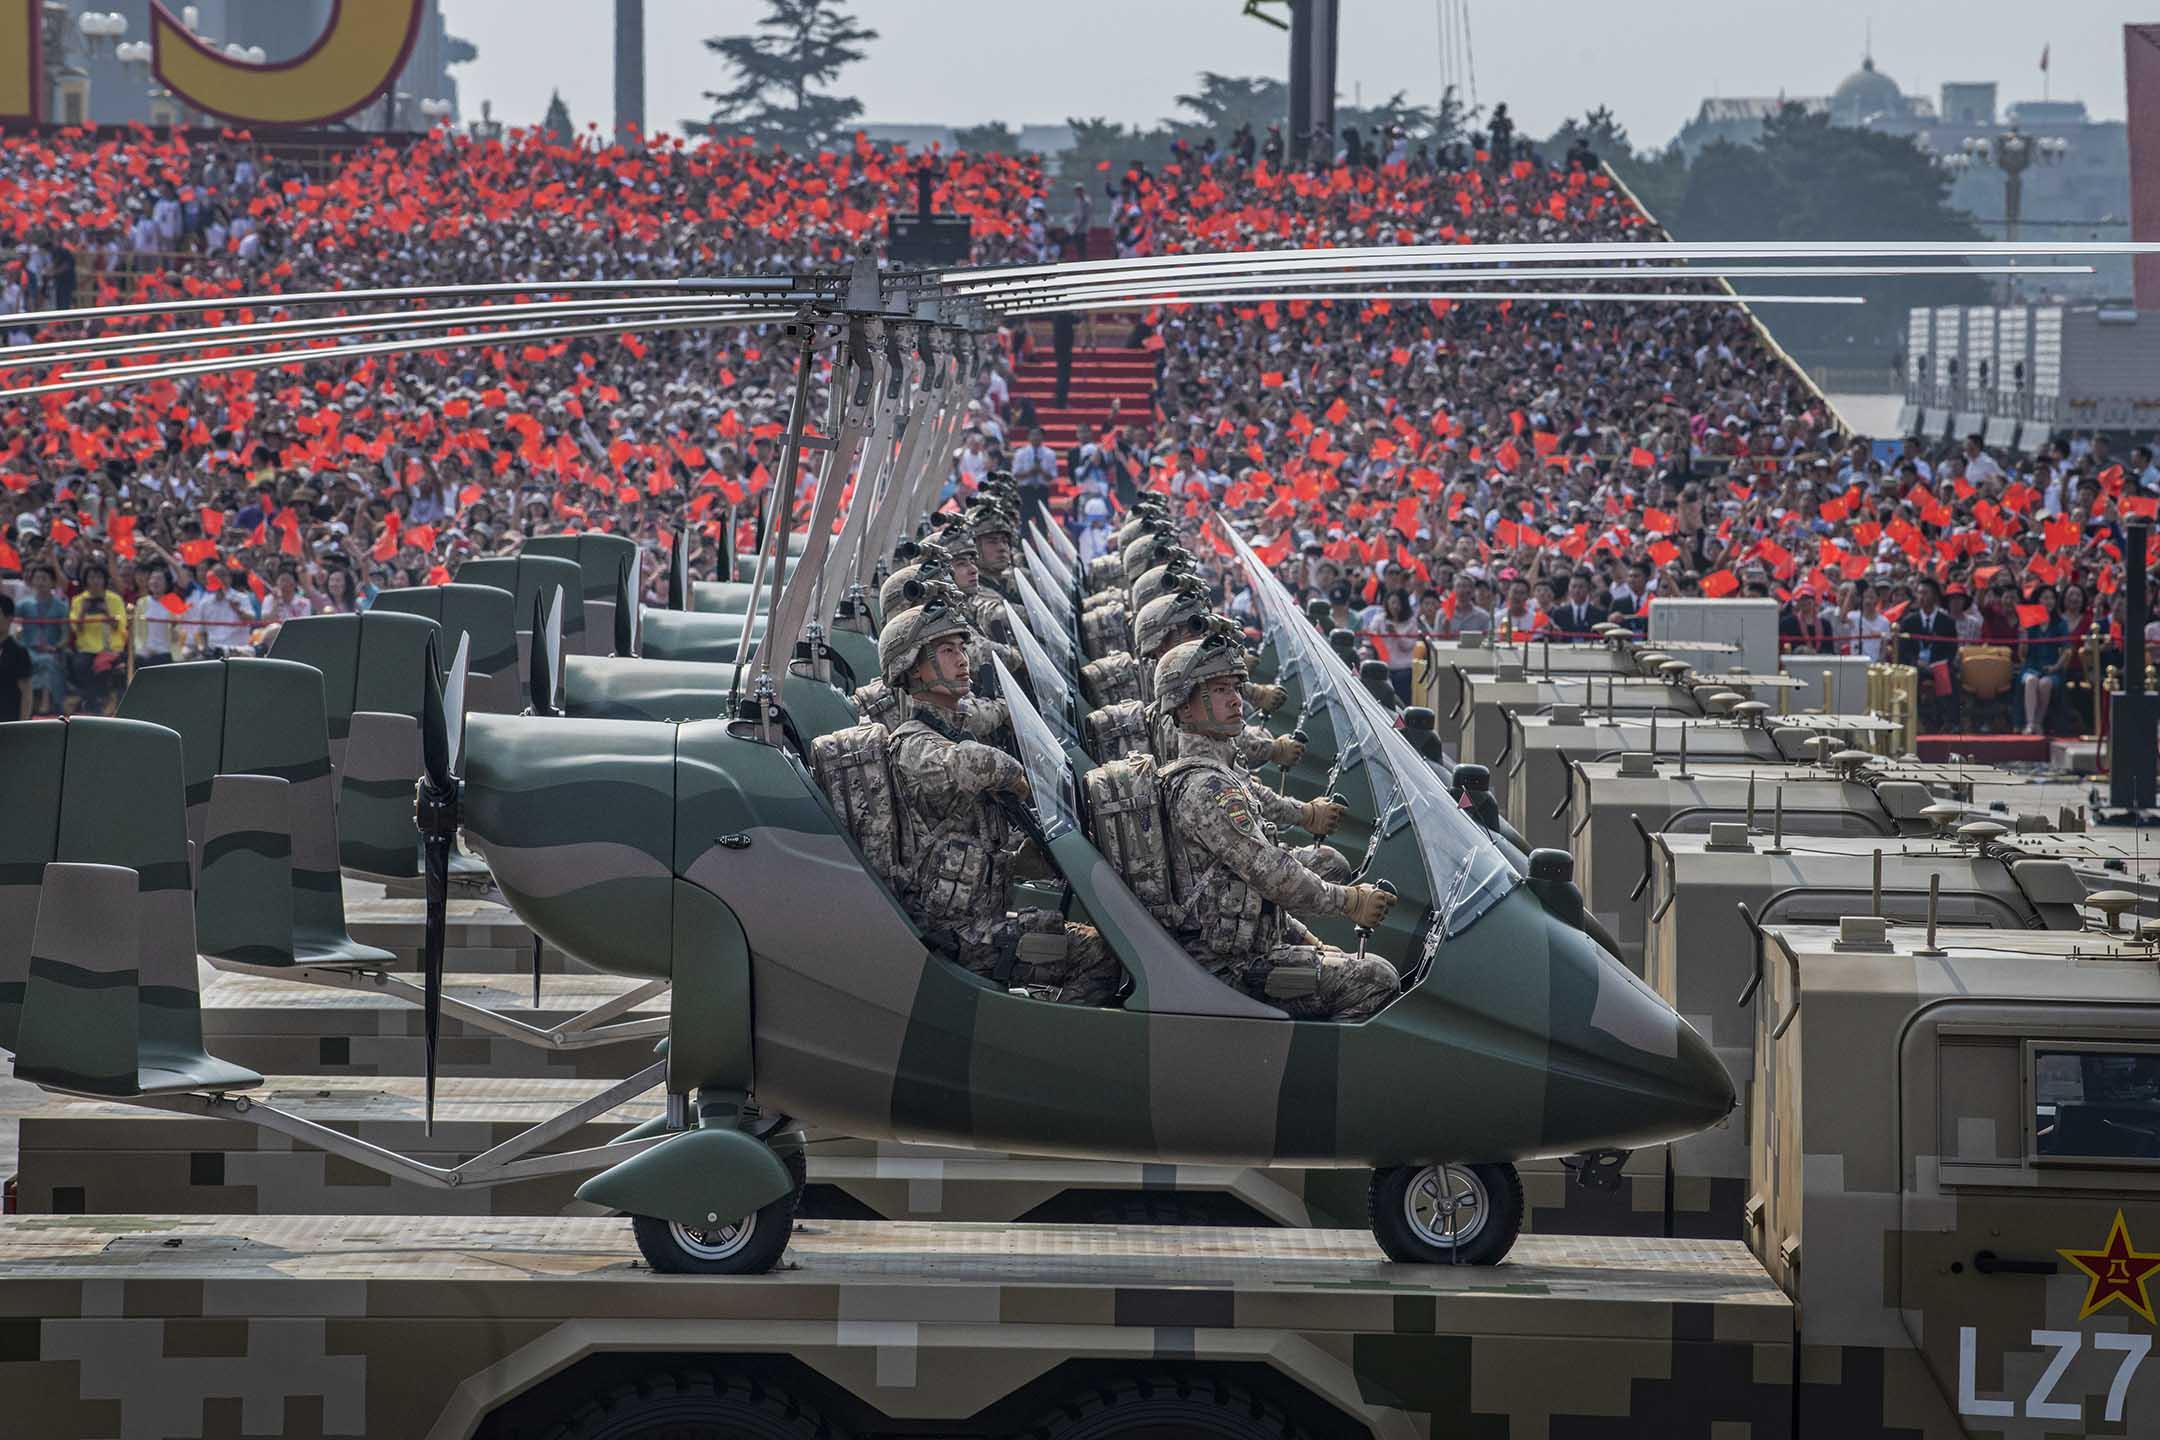 2019年10月1日北京天安門廣場 ,中國士兵坐在直升機上,慶祝中華人民共和國成立70週年。